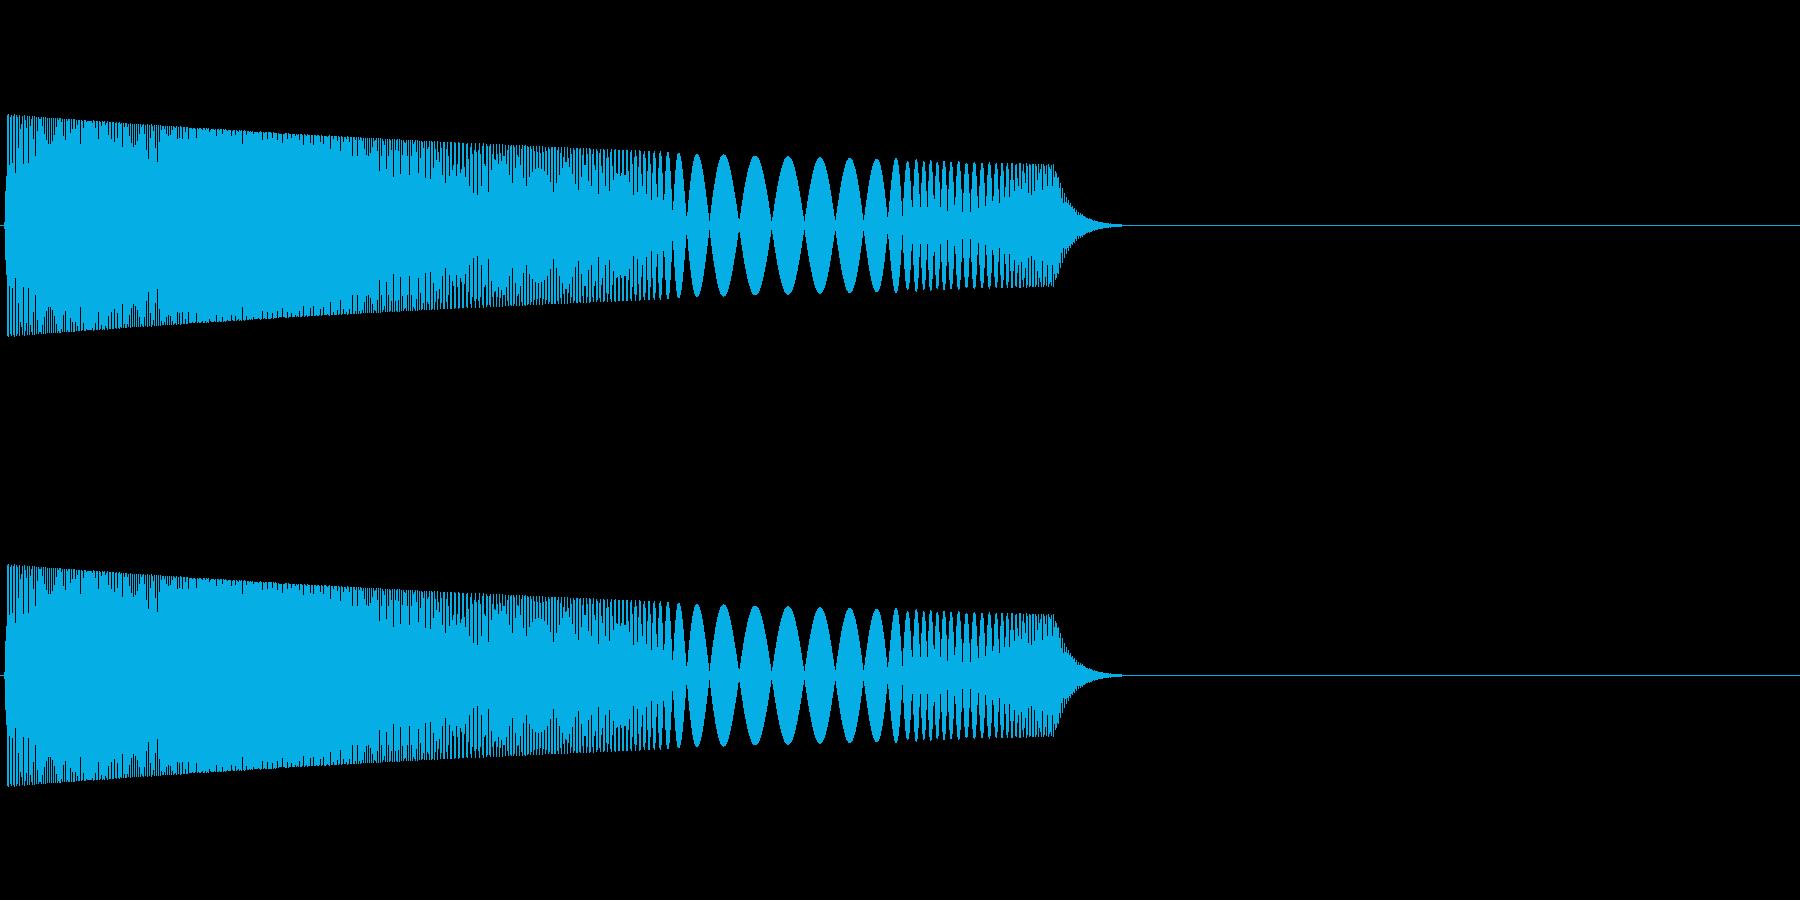 ピャプ:パズルゲームやタッチ音などにの再生済みの波形